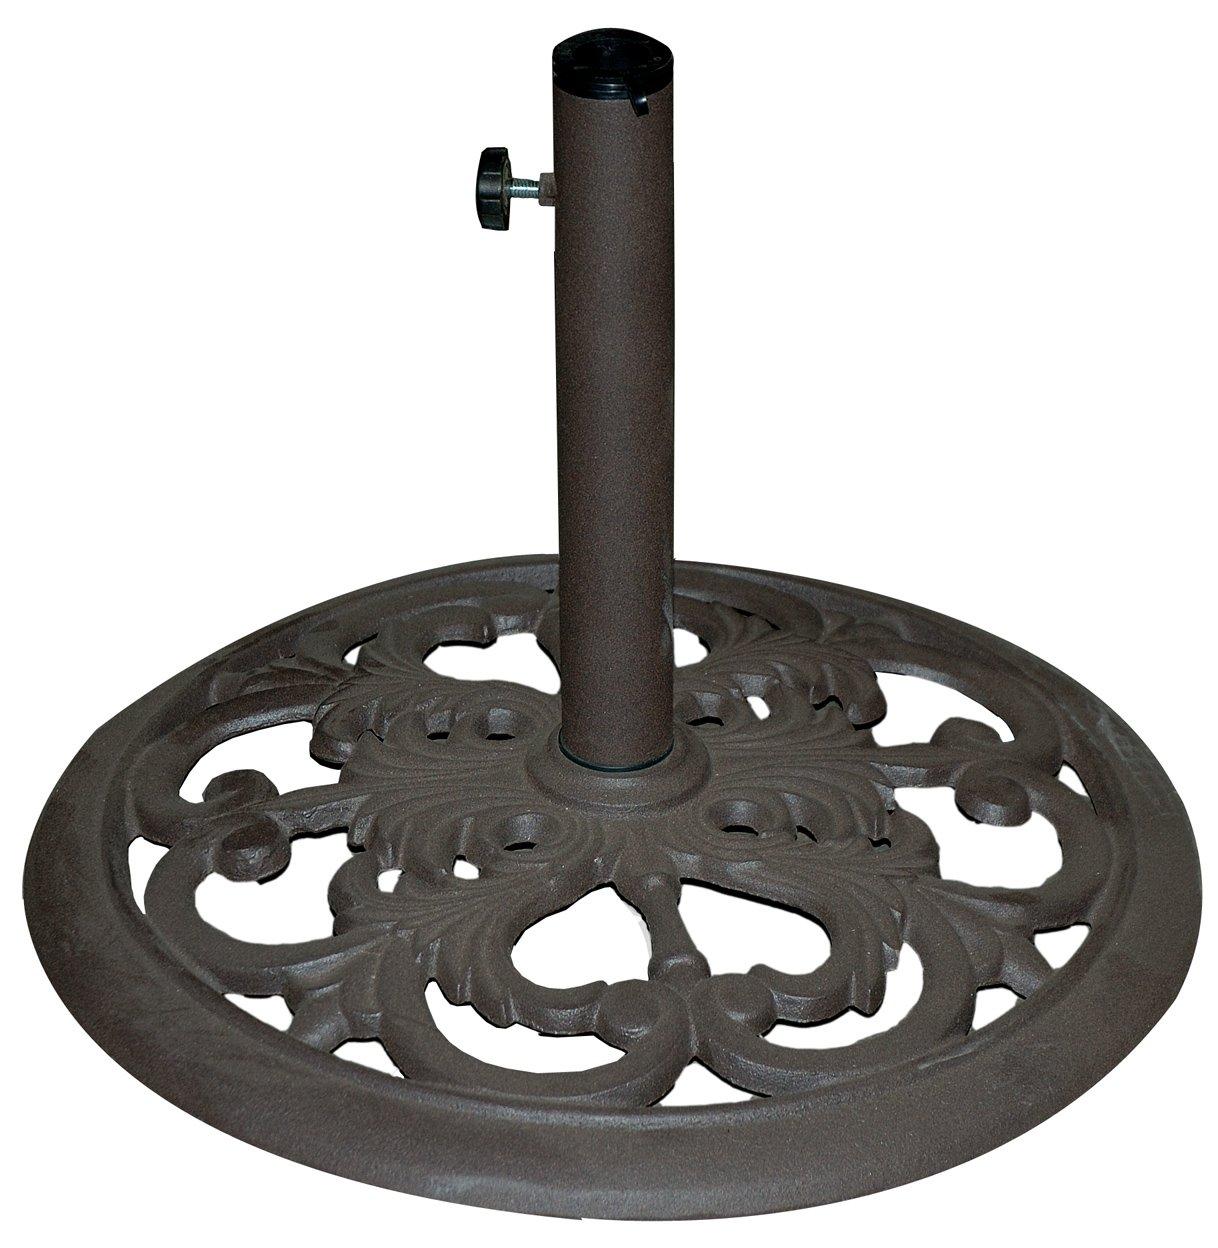 Patio Umbrella Stands Home Design Elements